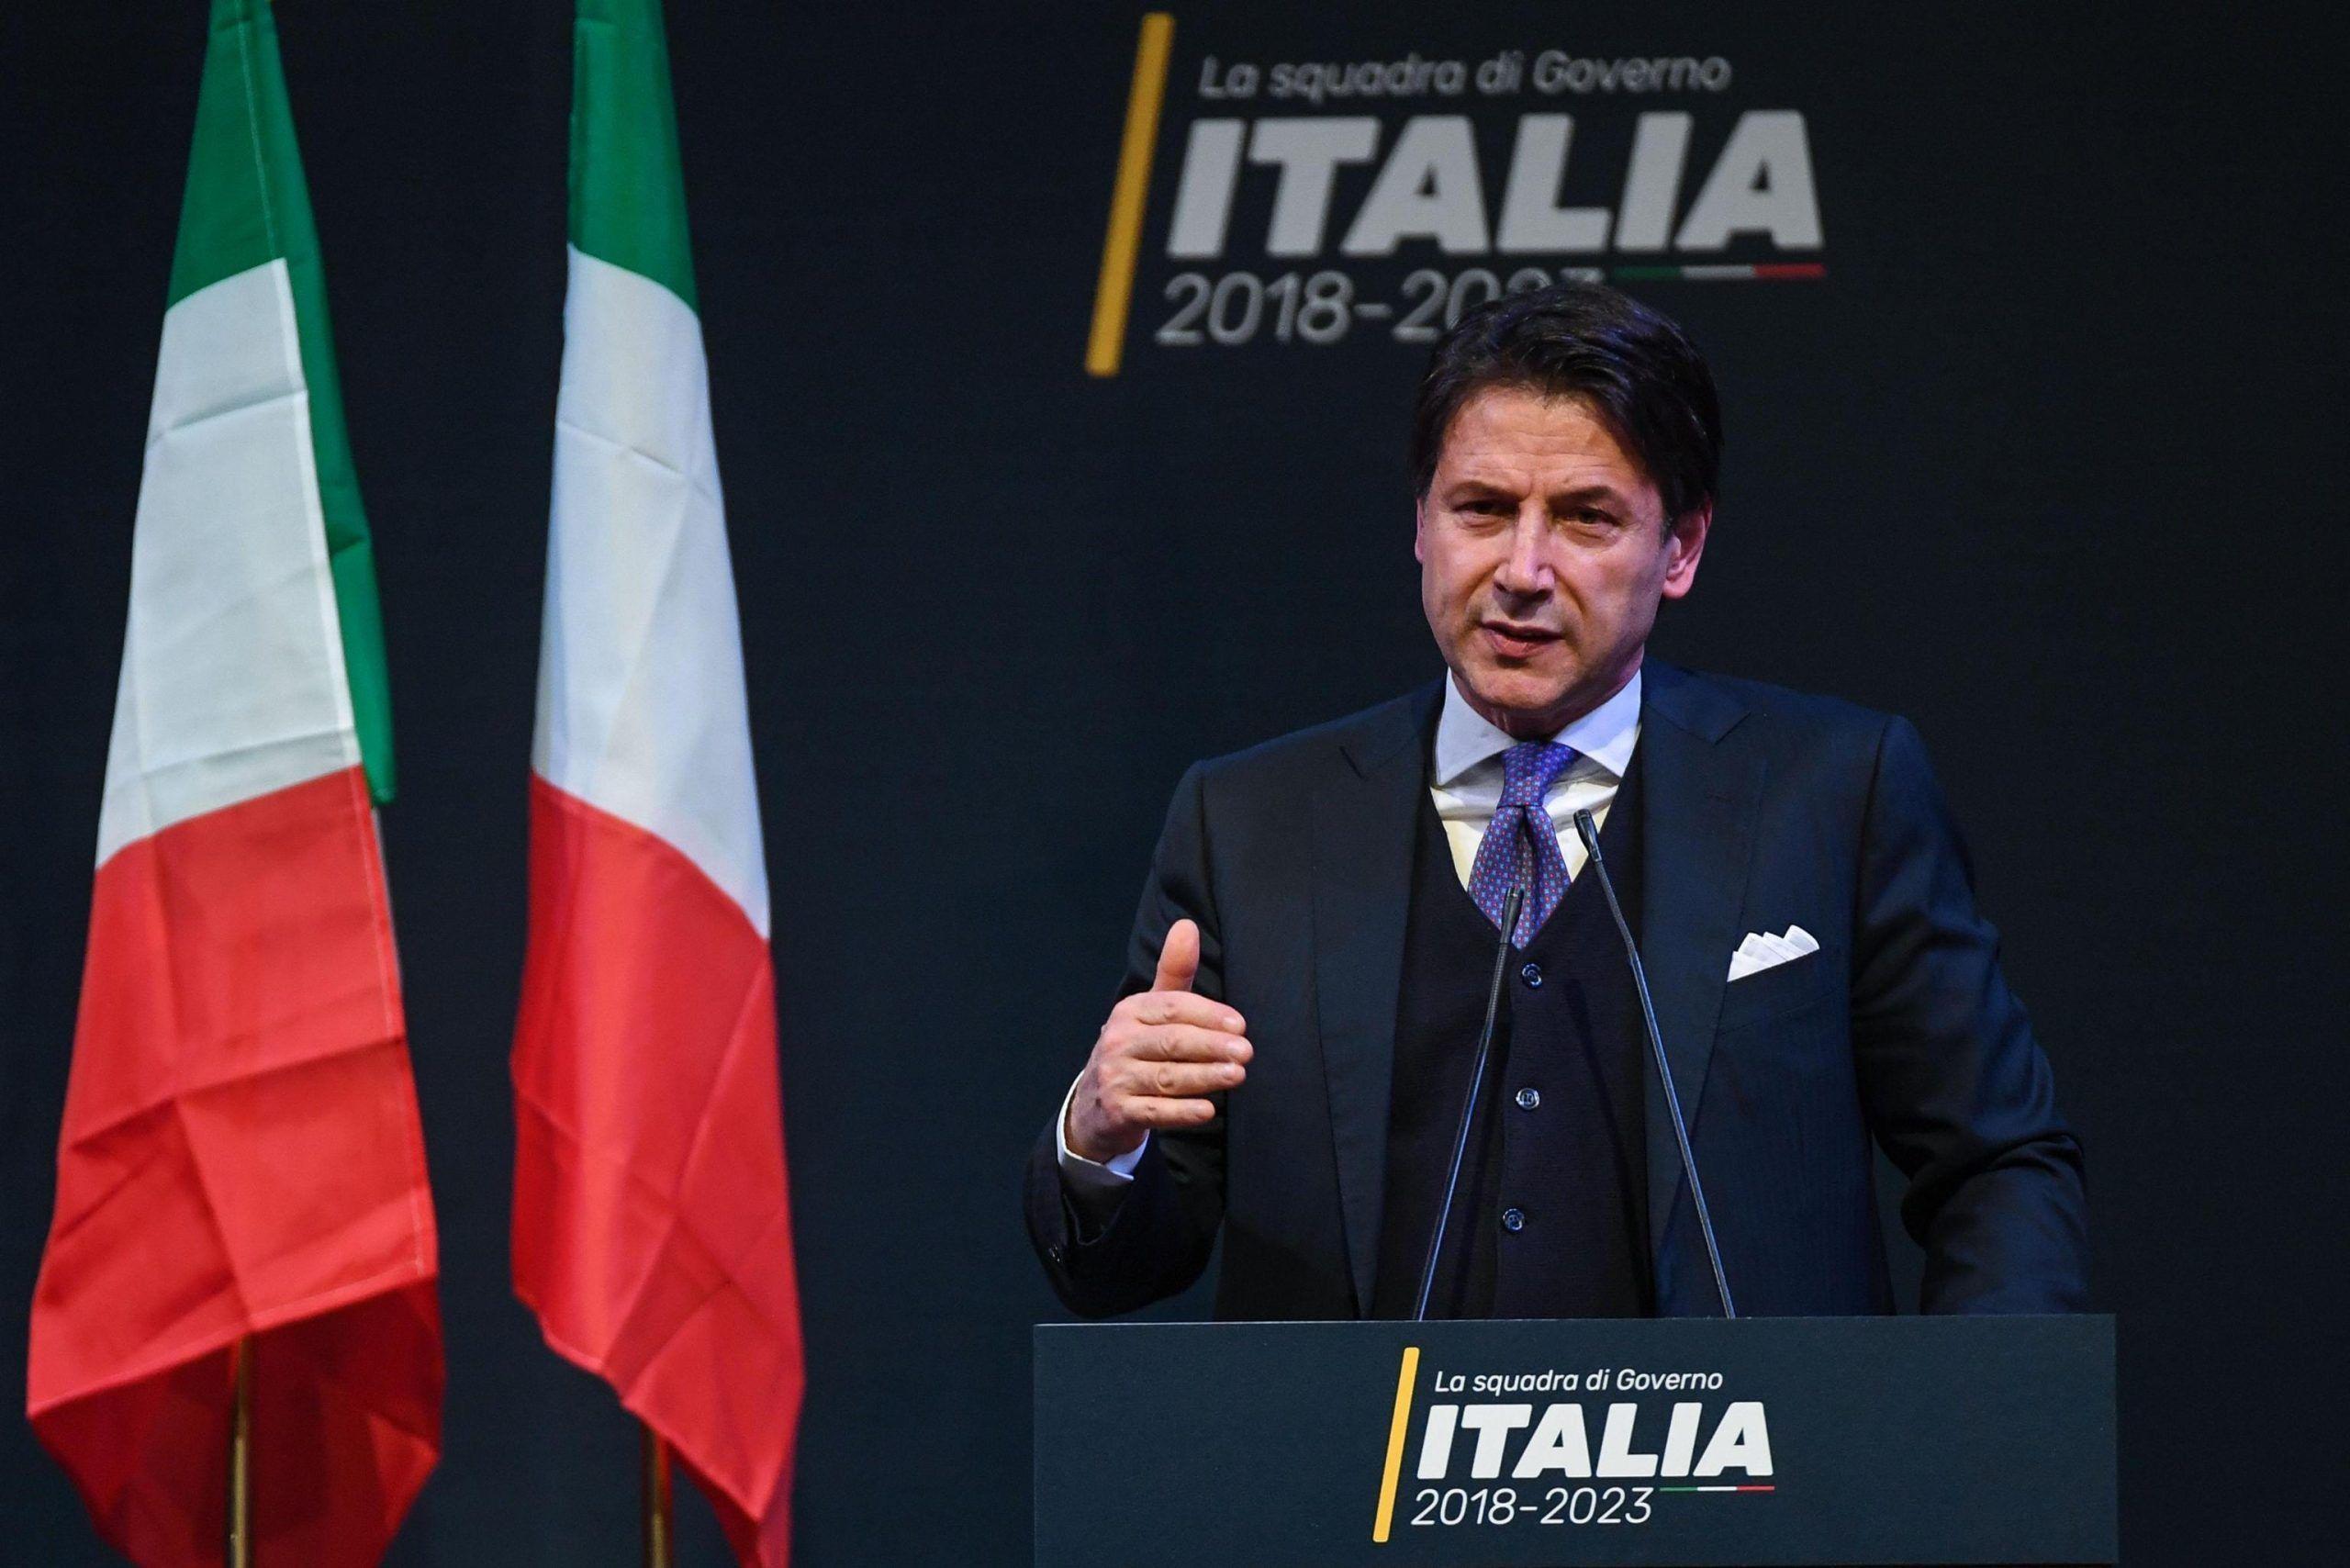 Chi-è-Conte-possibile-premier-del-nuovo-governo-M5S-Lega